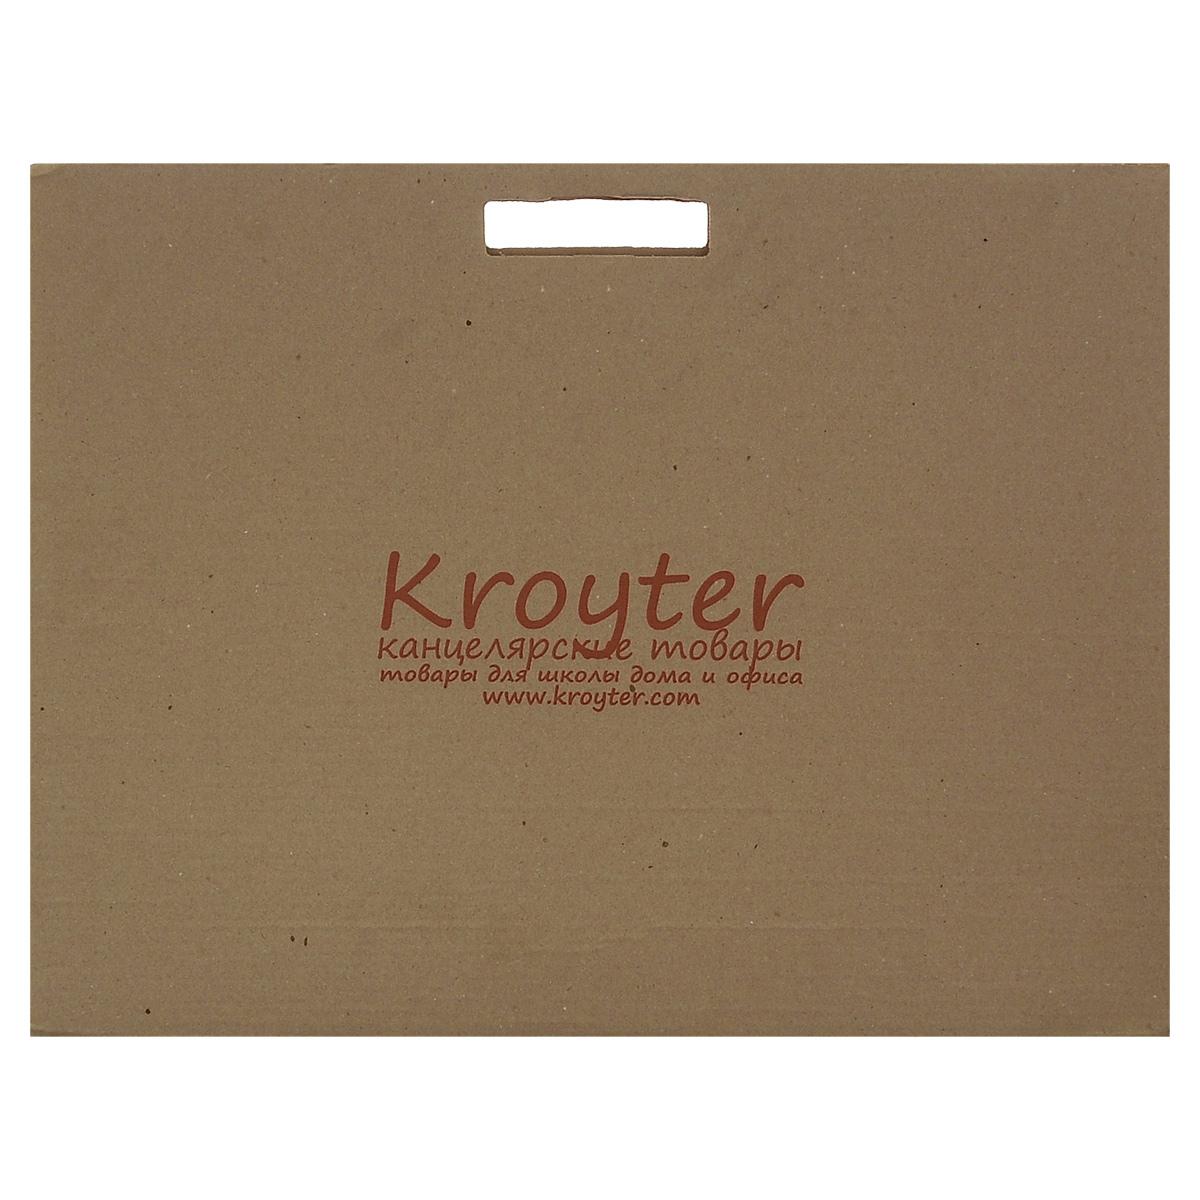 Папка для акварели Kroyter, 10 листов, формат А205312Папка для акварели Kroyter поможет овладеть этой техникой живописи. Бумага предназначена для рисования всеми видами водорастворимых красок, а также подойдет для рисования и художественно-графических работ карандашами, ручками и мелками. Не рекомендуется для масляных красок. Листы рекомендованы для массового использования, так как не предъявляет специальных знаний при ее использовании.Обложка выполнена из гофрированного картона в виде папки переноски с ручками. Такой вариант позволяет переносить бумагу без повреждений.Плотность: 180 г/м2.